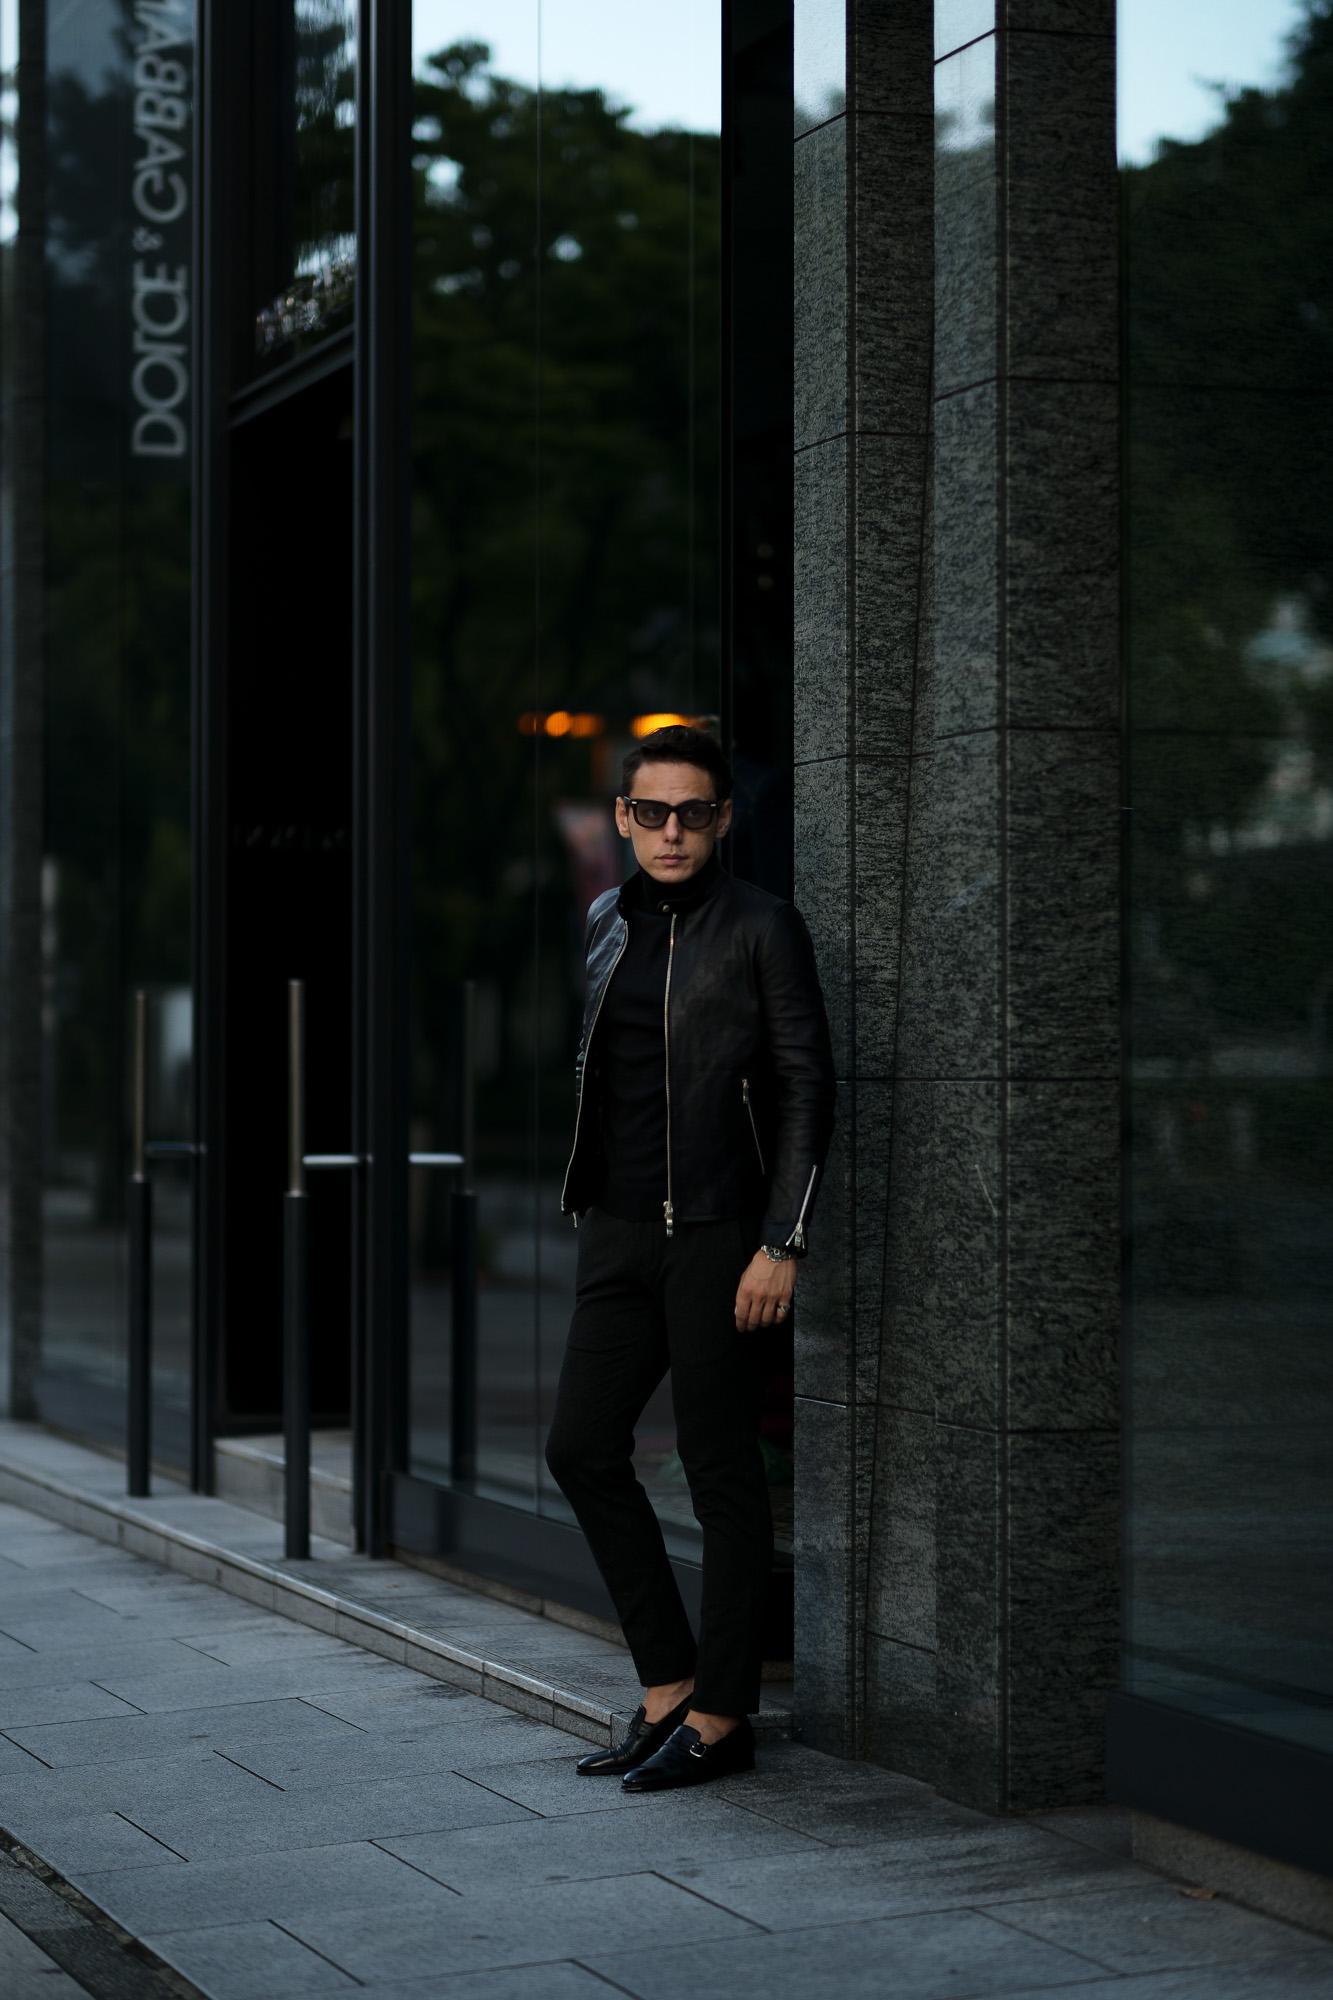 ISAMU KATAYAMA BACKLASH The Line (イサムカタヤマ バックラッシュ ザ・ライン) GUIDI CALF SINGLE RIDERS No.T-201 (グイディ カーフ シングルライダース) 925 STERLING SILVER (925 スターリングシルバー) レザー シングルライダース ジャケット BLACK (ブラック) MADE IN JAPAN (日本製) 2020 秋冬 【Special Model】愛知 名古屋 altoediritto アルトエデリット